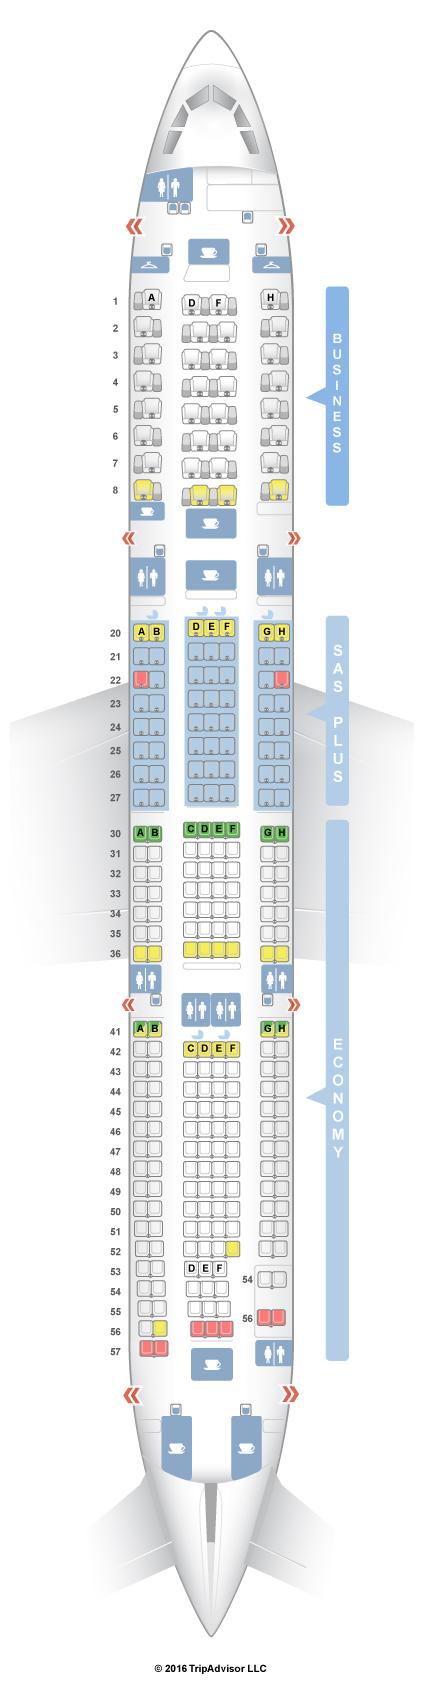 seatguru seat map sas airbus a330 300 333